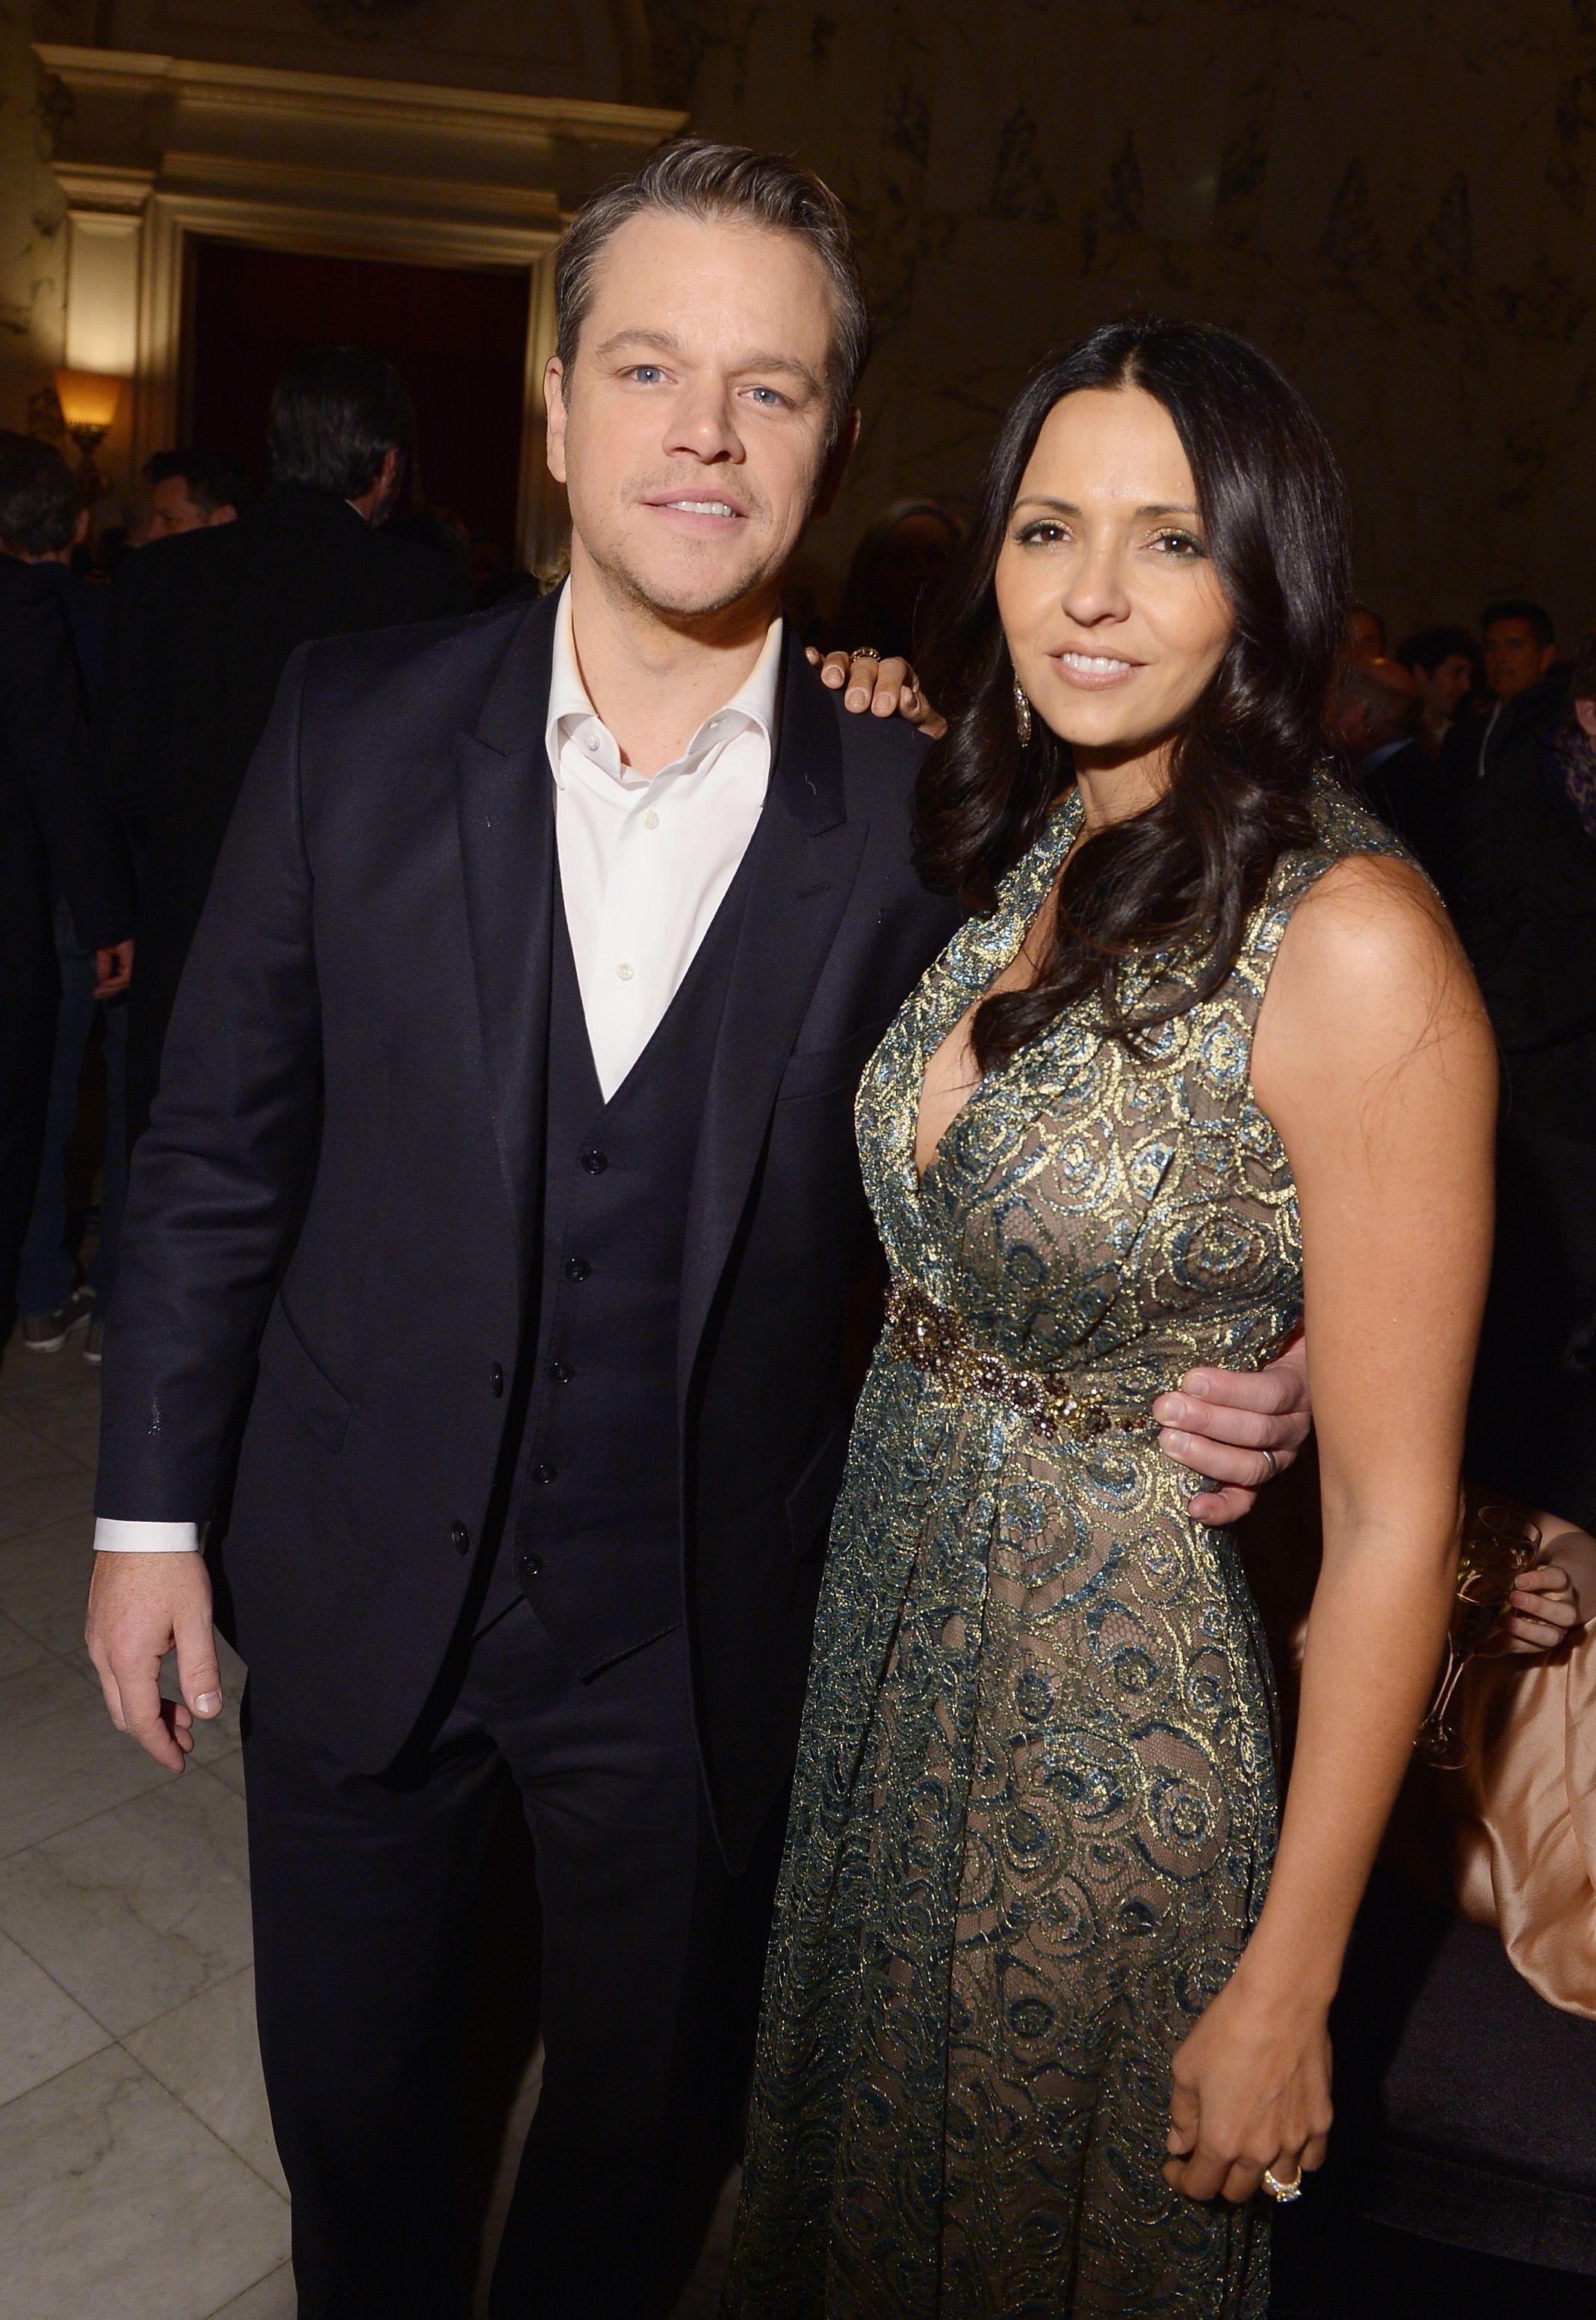 Matt Damon met Luciana Barroso while she was bartending.